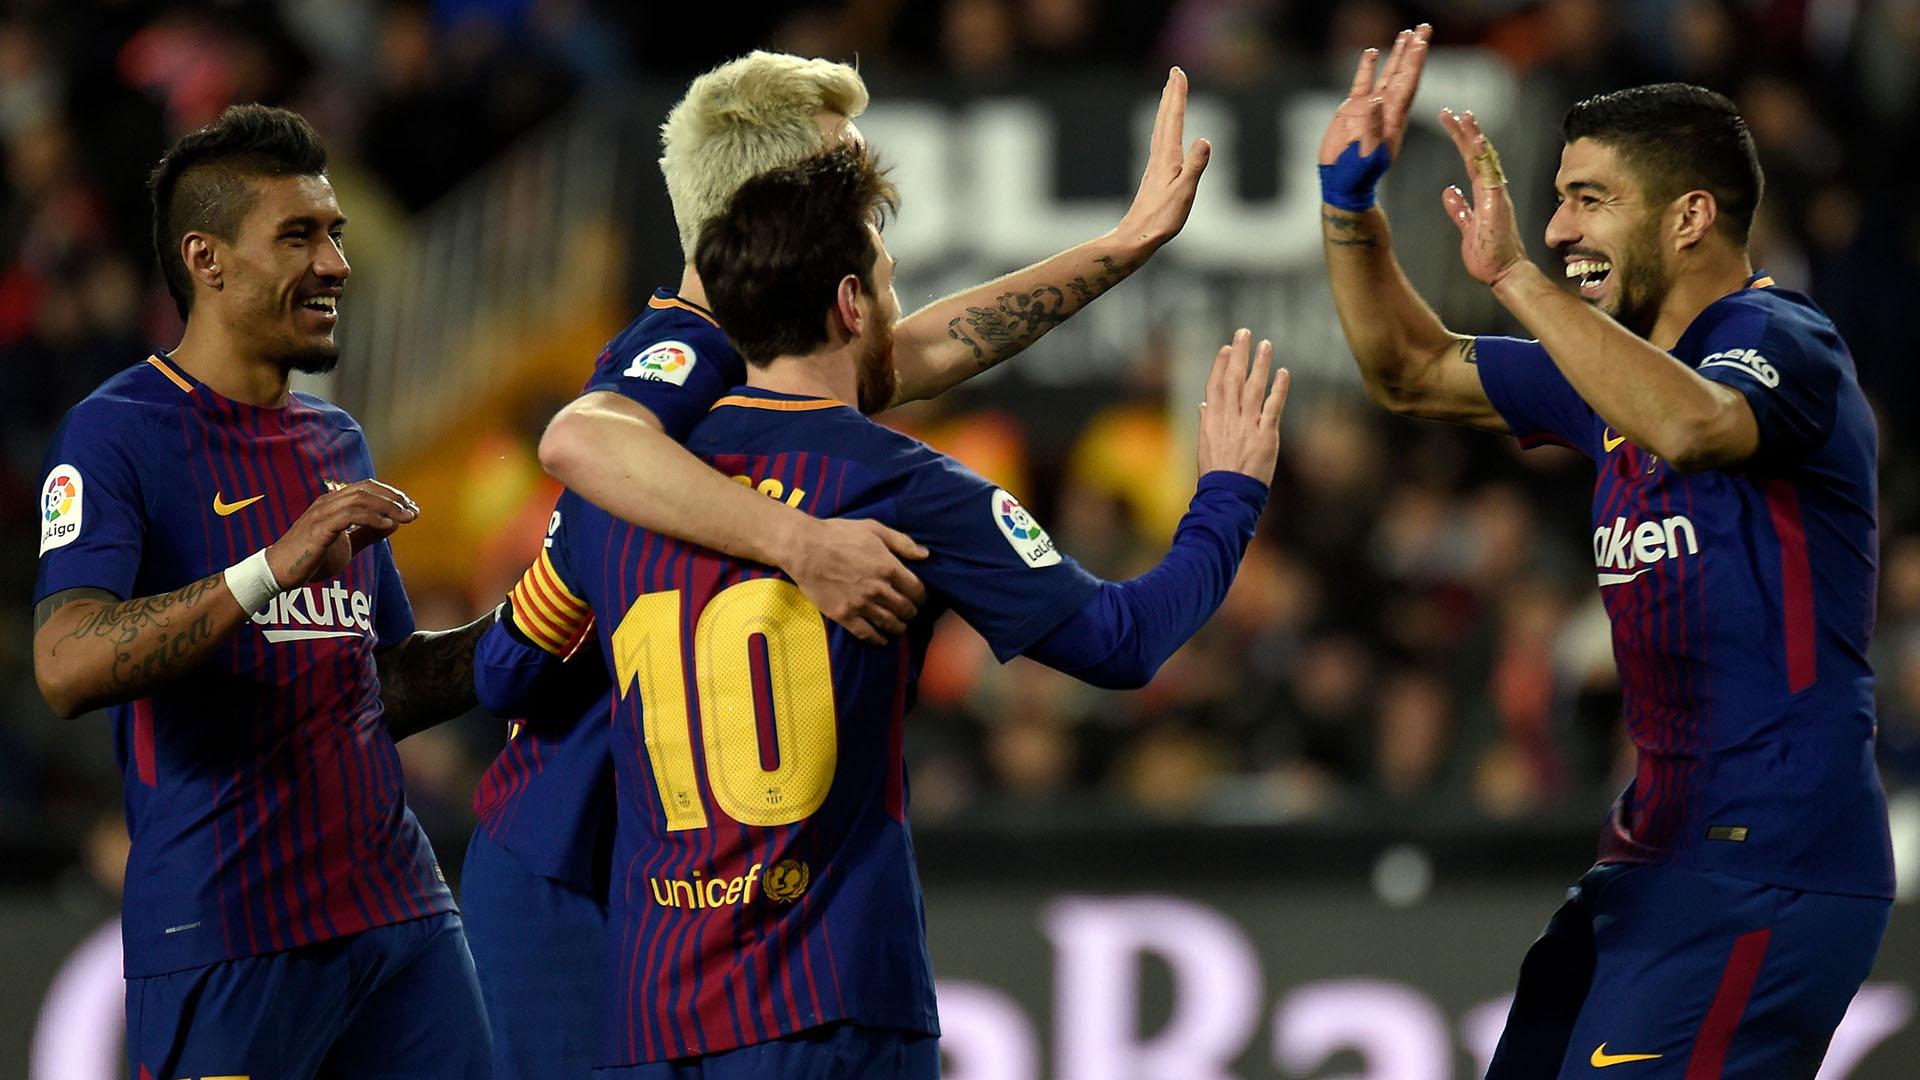 El Barcelona necesita una victoria para prolongar su liderazgo (AFP)